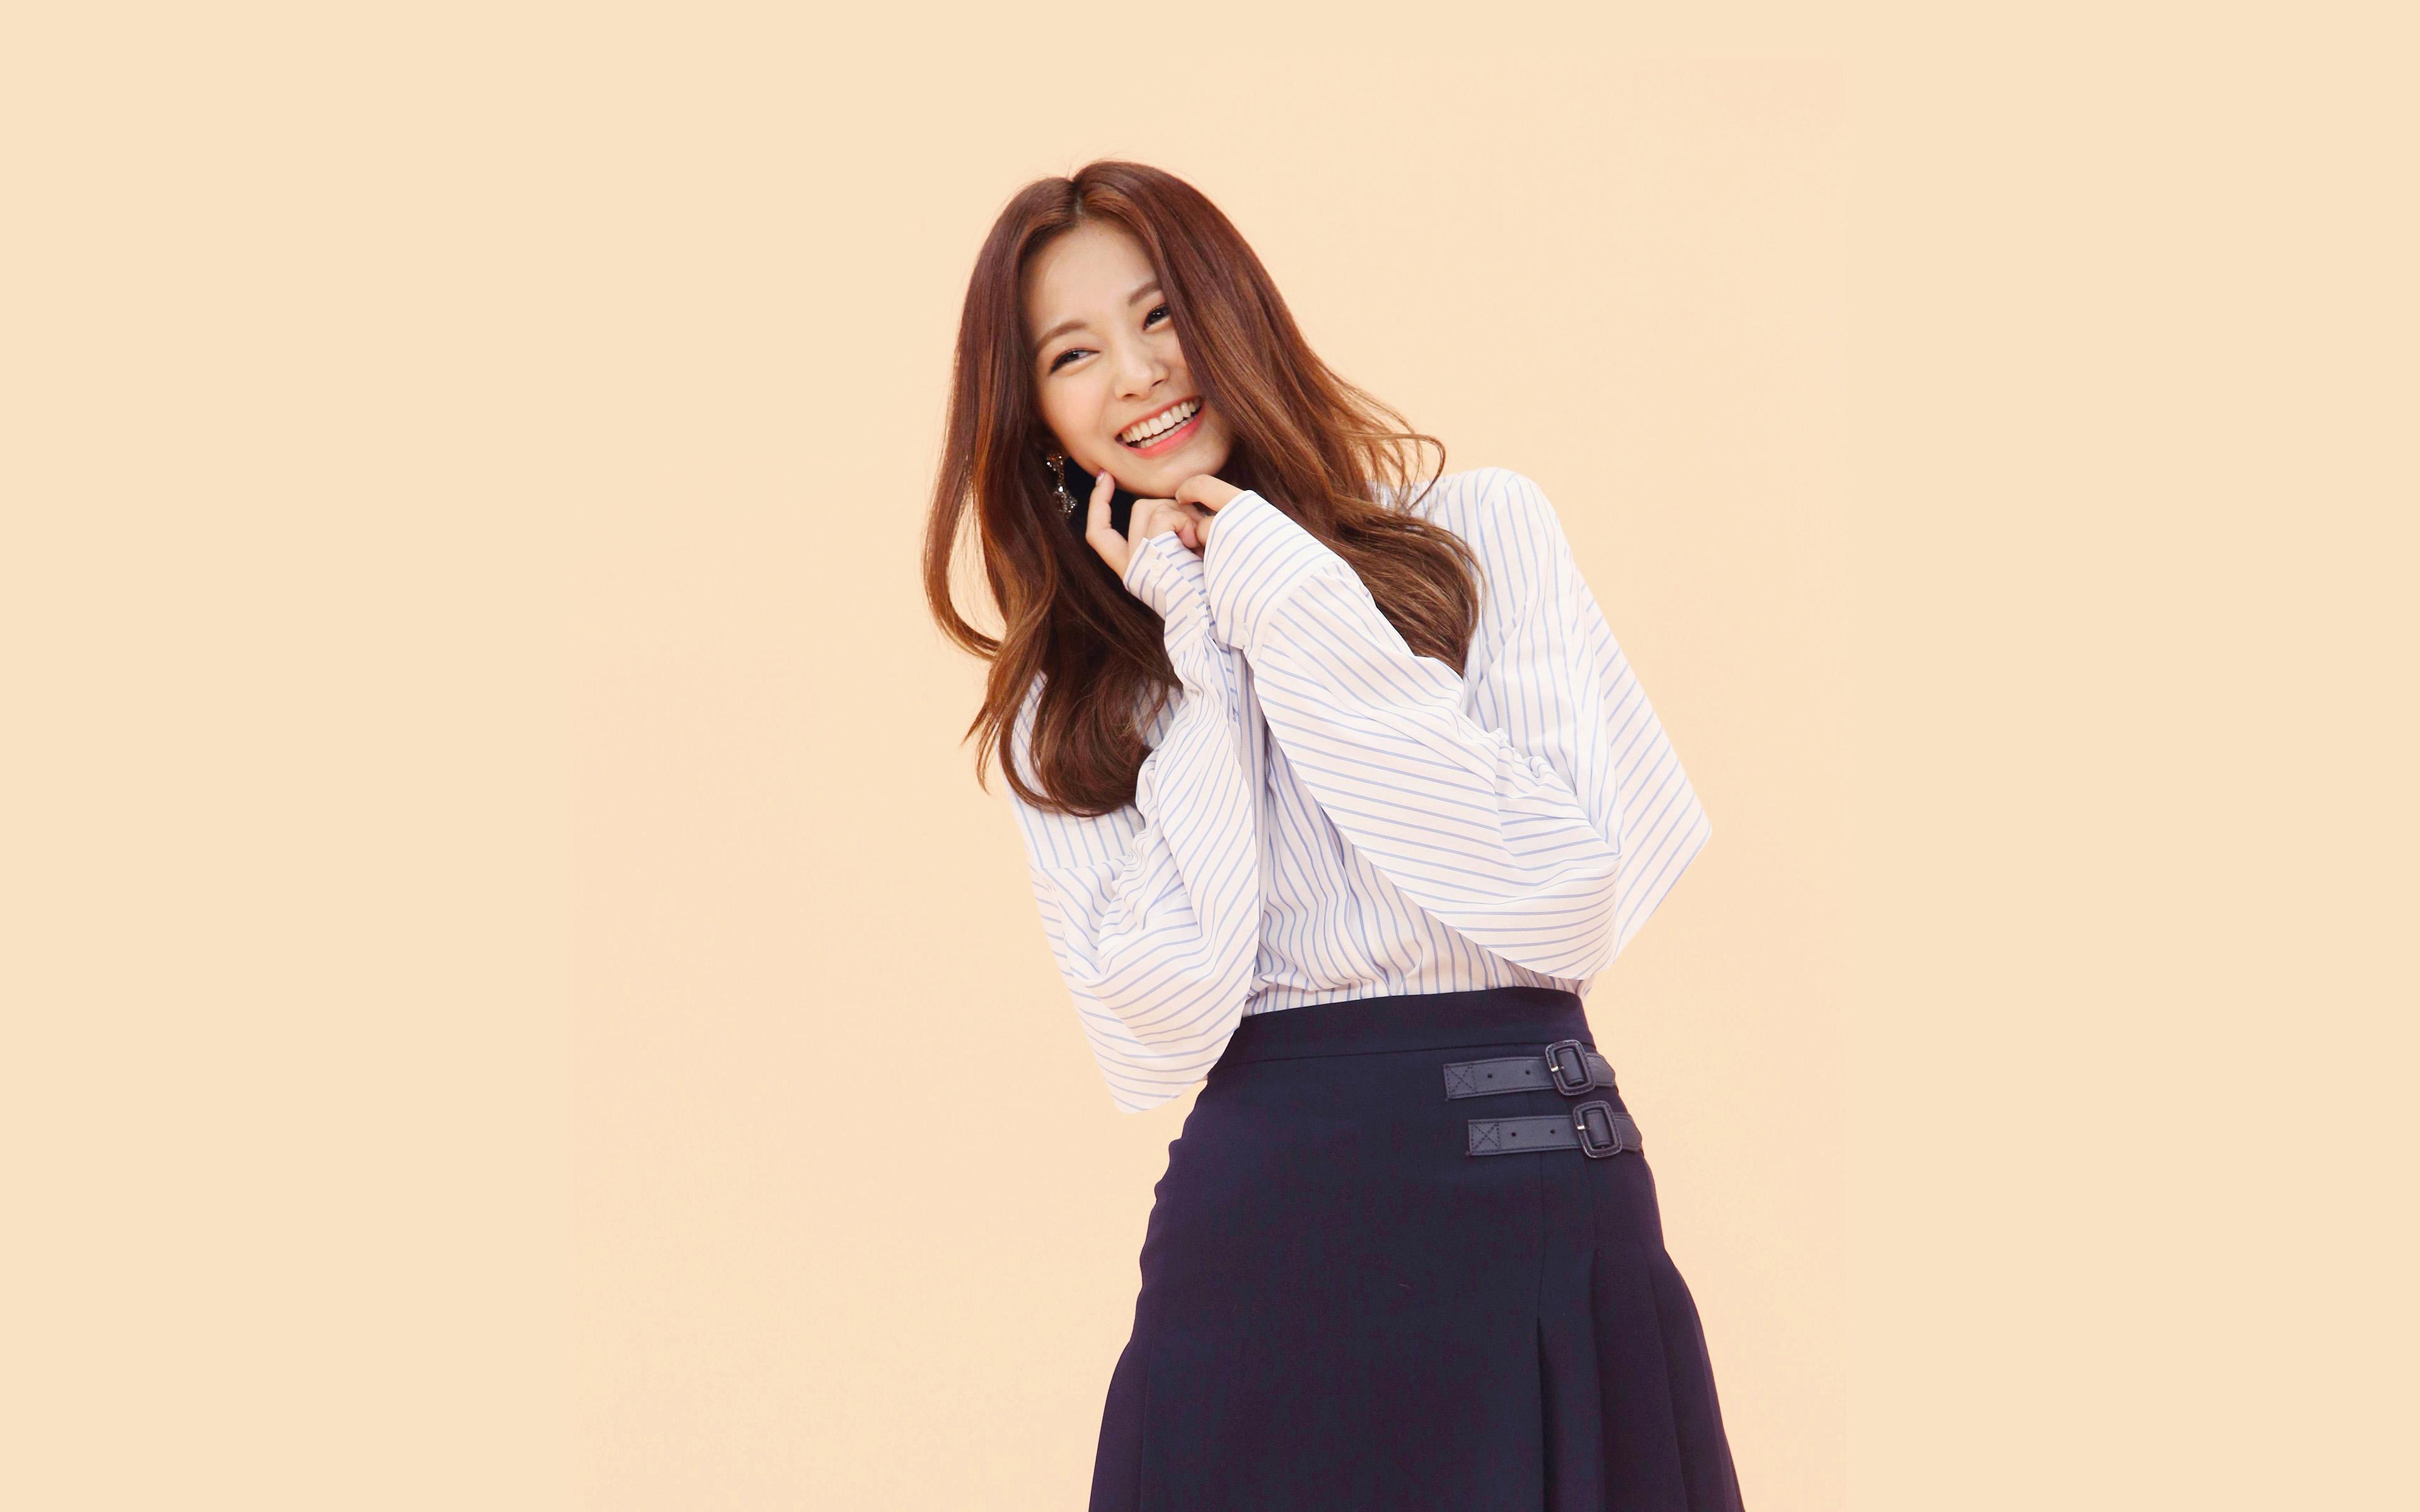 Hr20 Kpop Tzuyu Smile Girl Asian Wallpaper